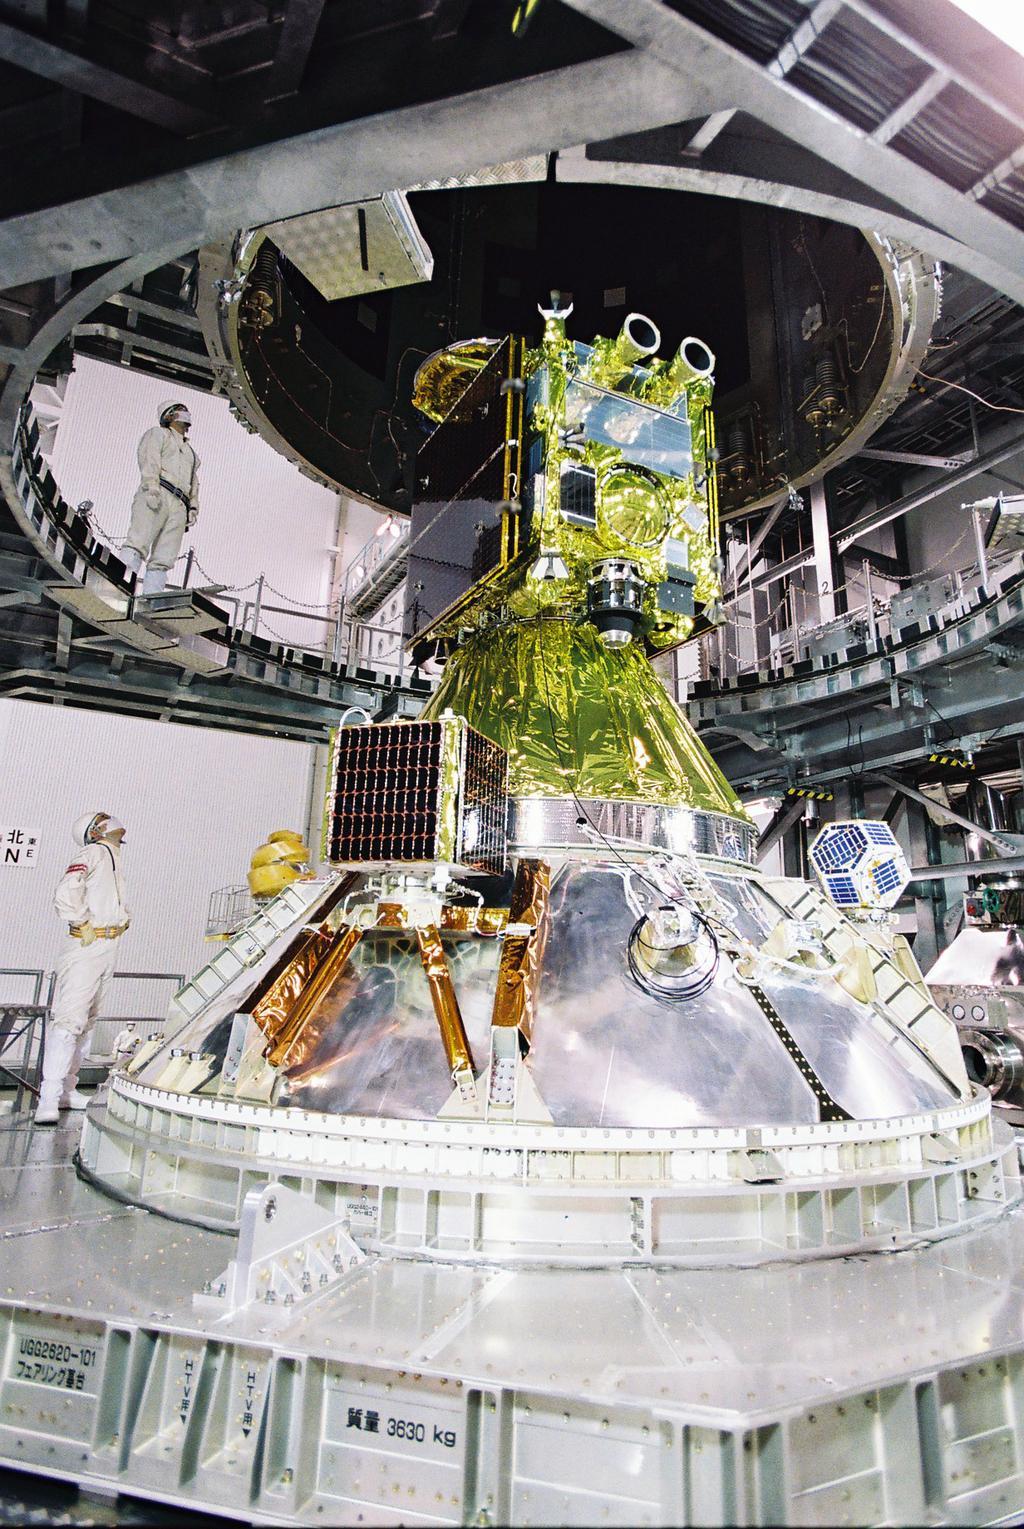 Hayabusa 2 et les 3 charges utiles secondaires avant pose de la coiffe de la HII-A. (Crédit: JAXA TV)